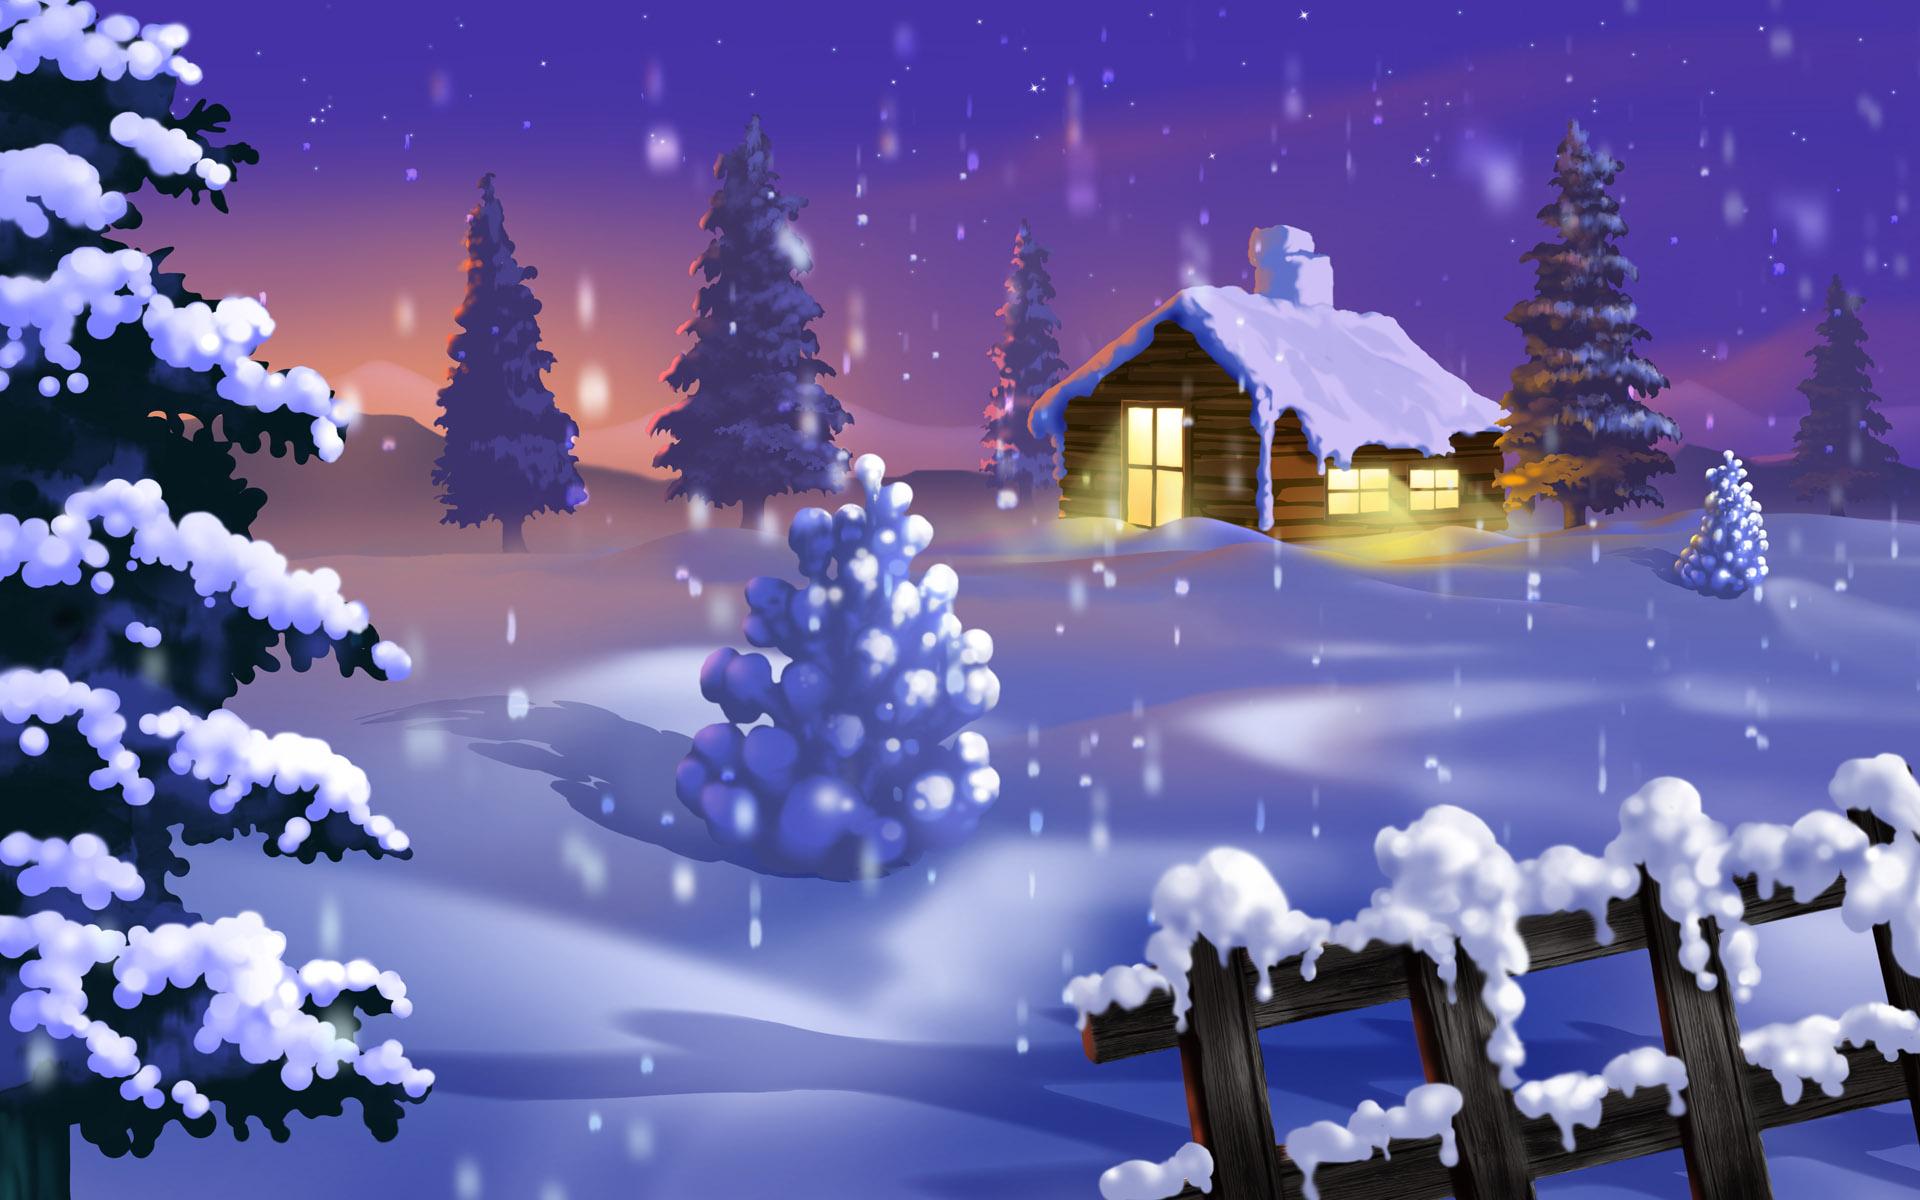 Christmas Winter Wallpapers Download Desktop Backgrounds 1920x1200